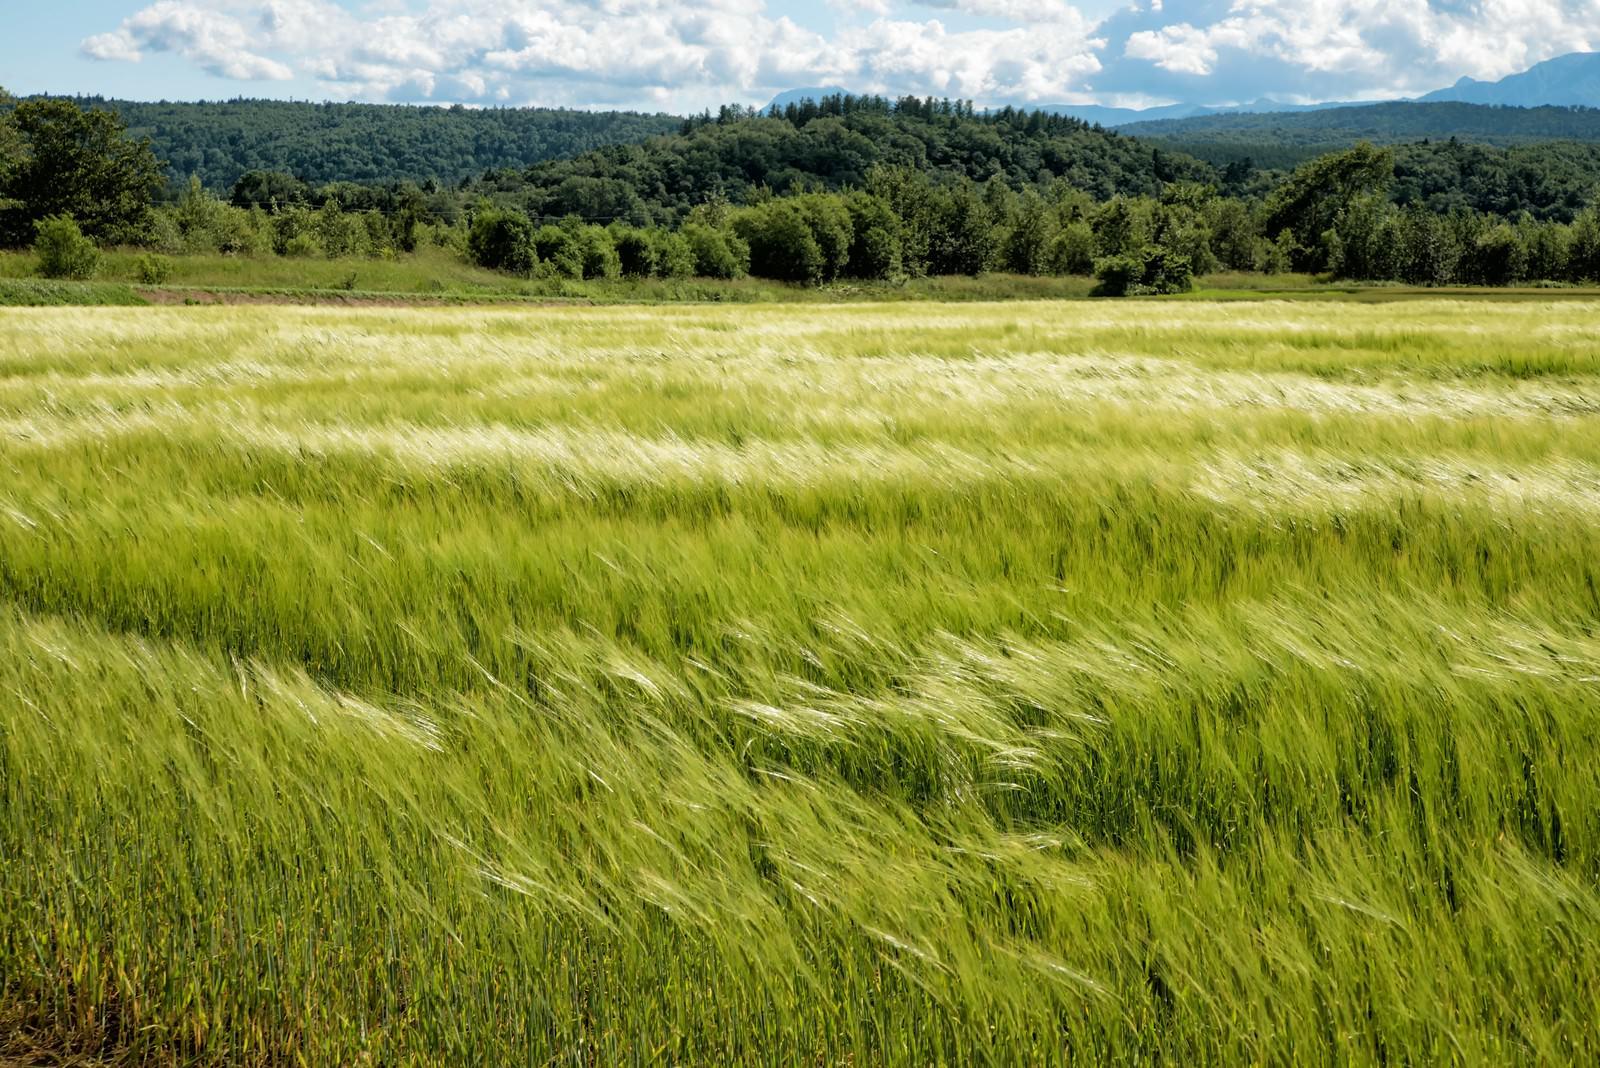 「風に踊る麦畑」の写真